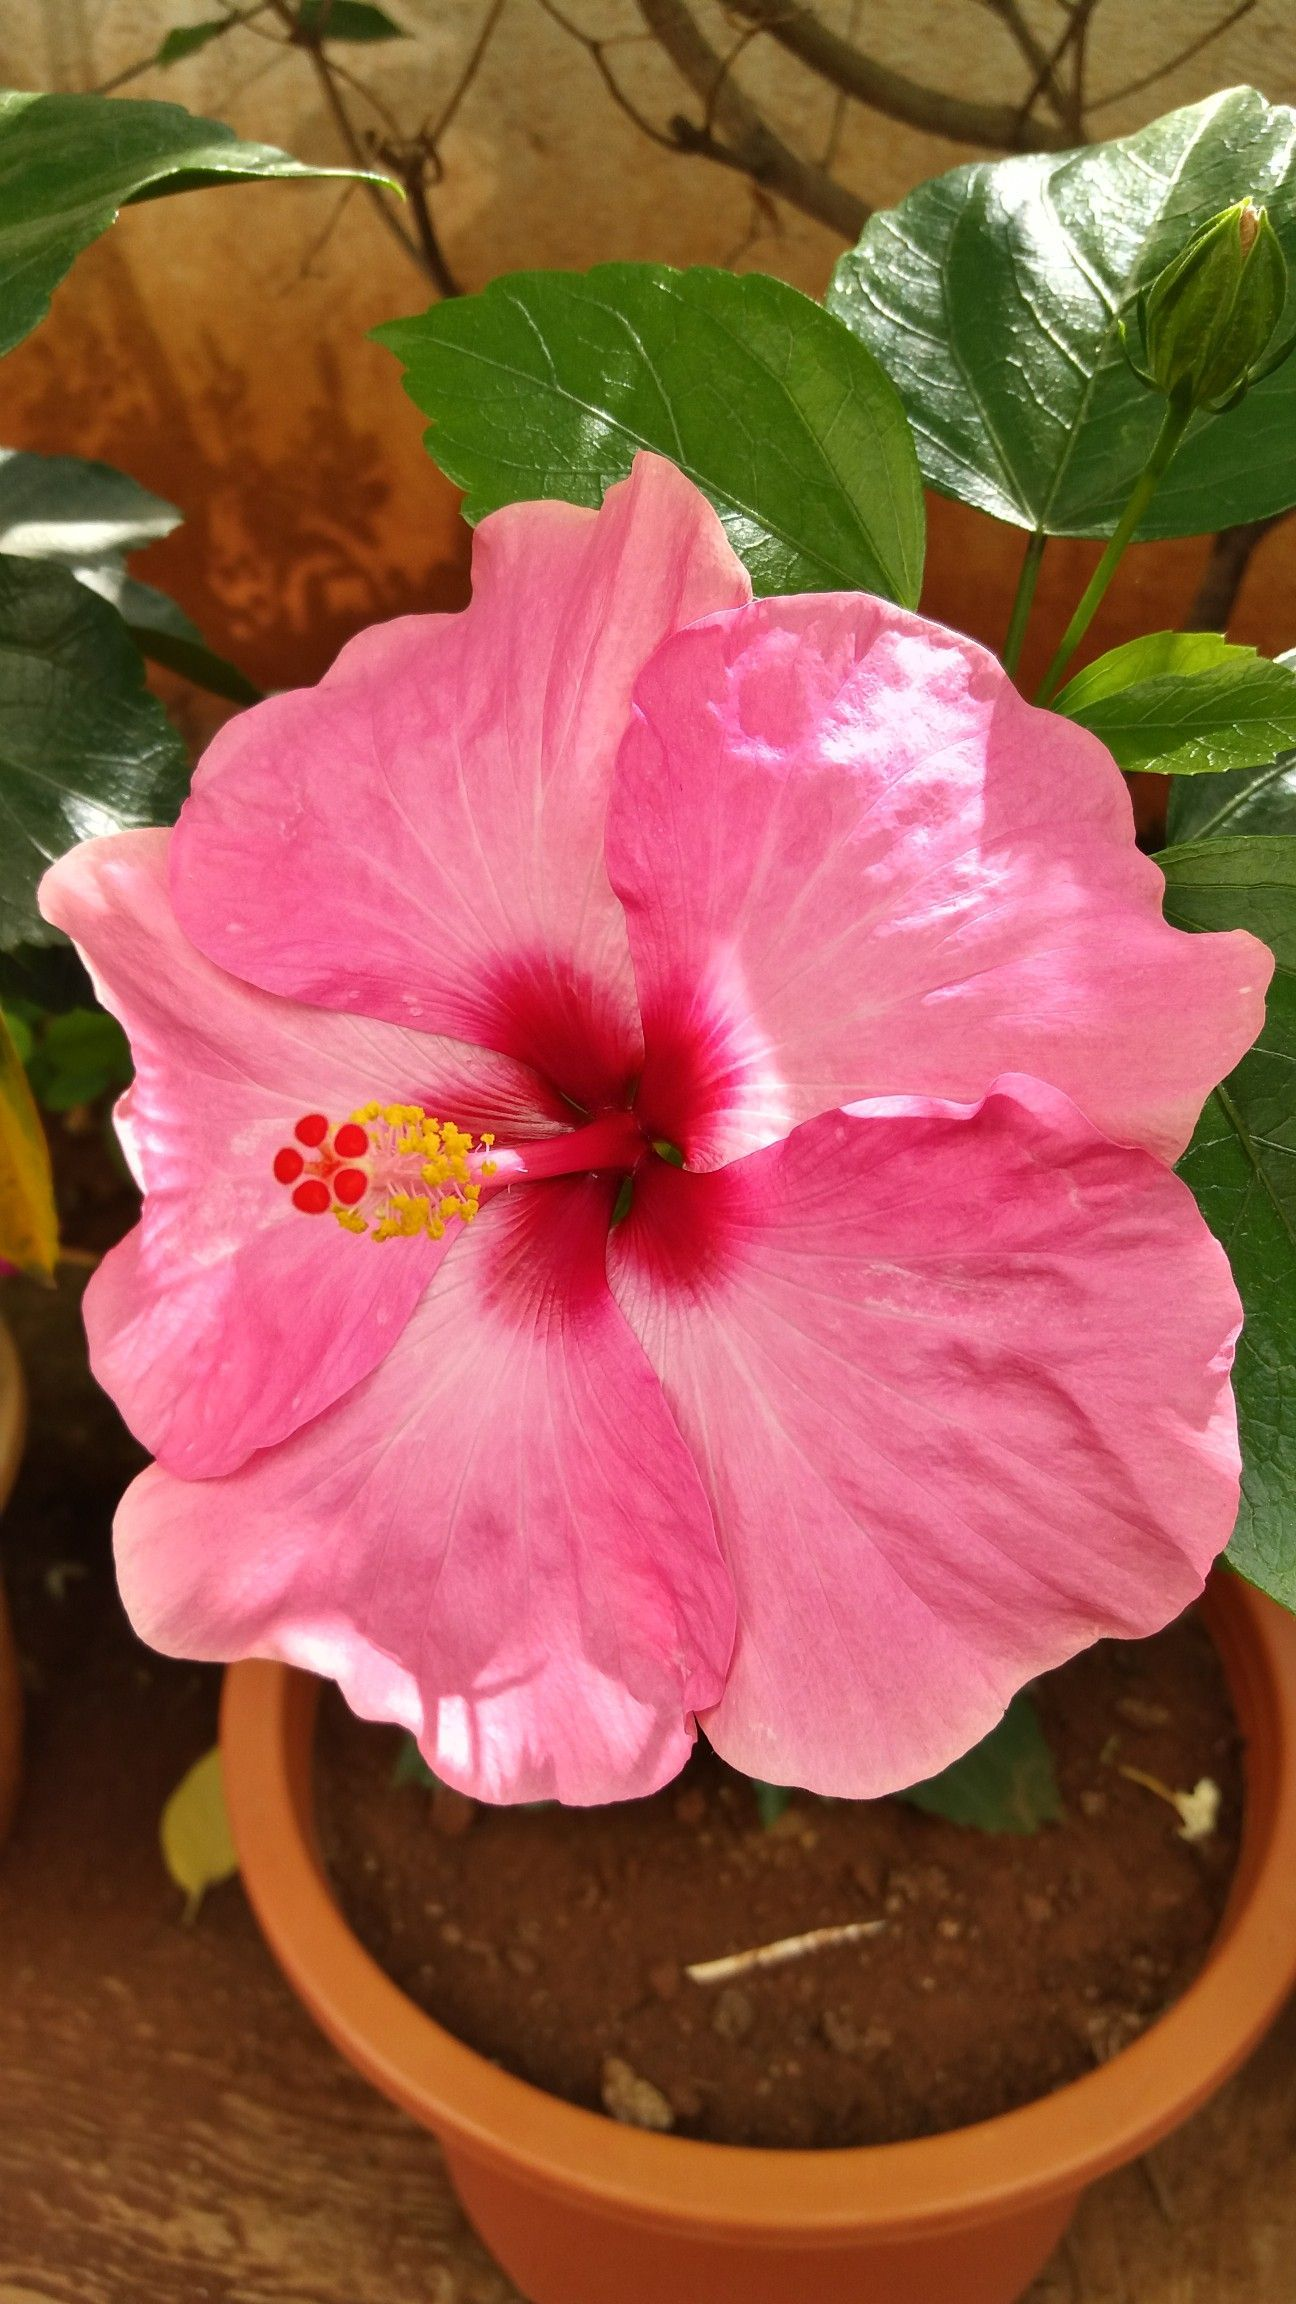 Hibiscus Home Garden Pune India 24 04 2018 Hibiscus Hibiscus Plant Flower Trellis